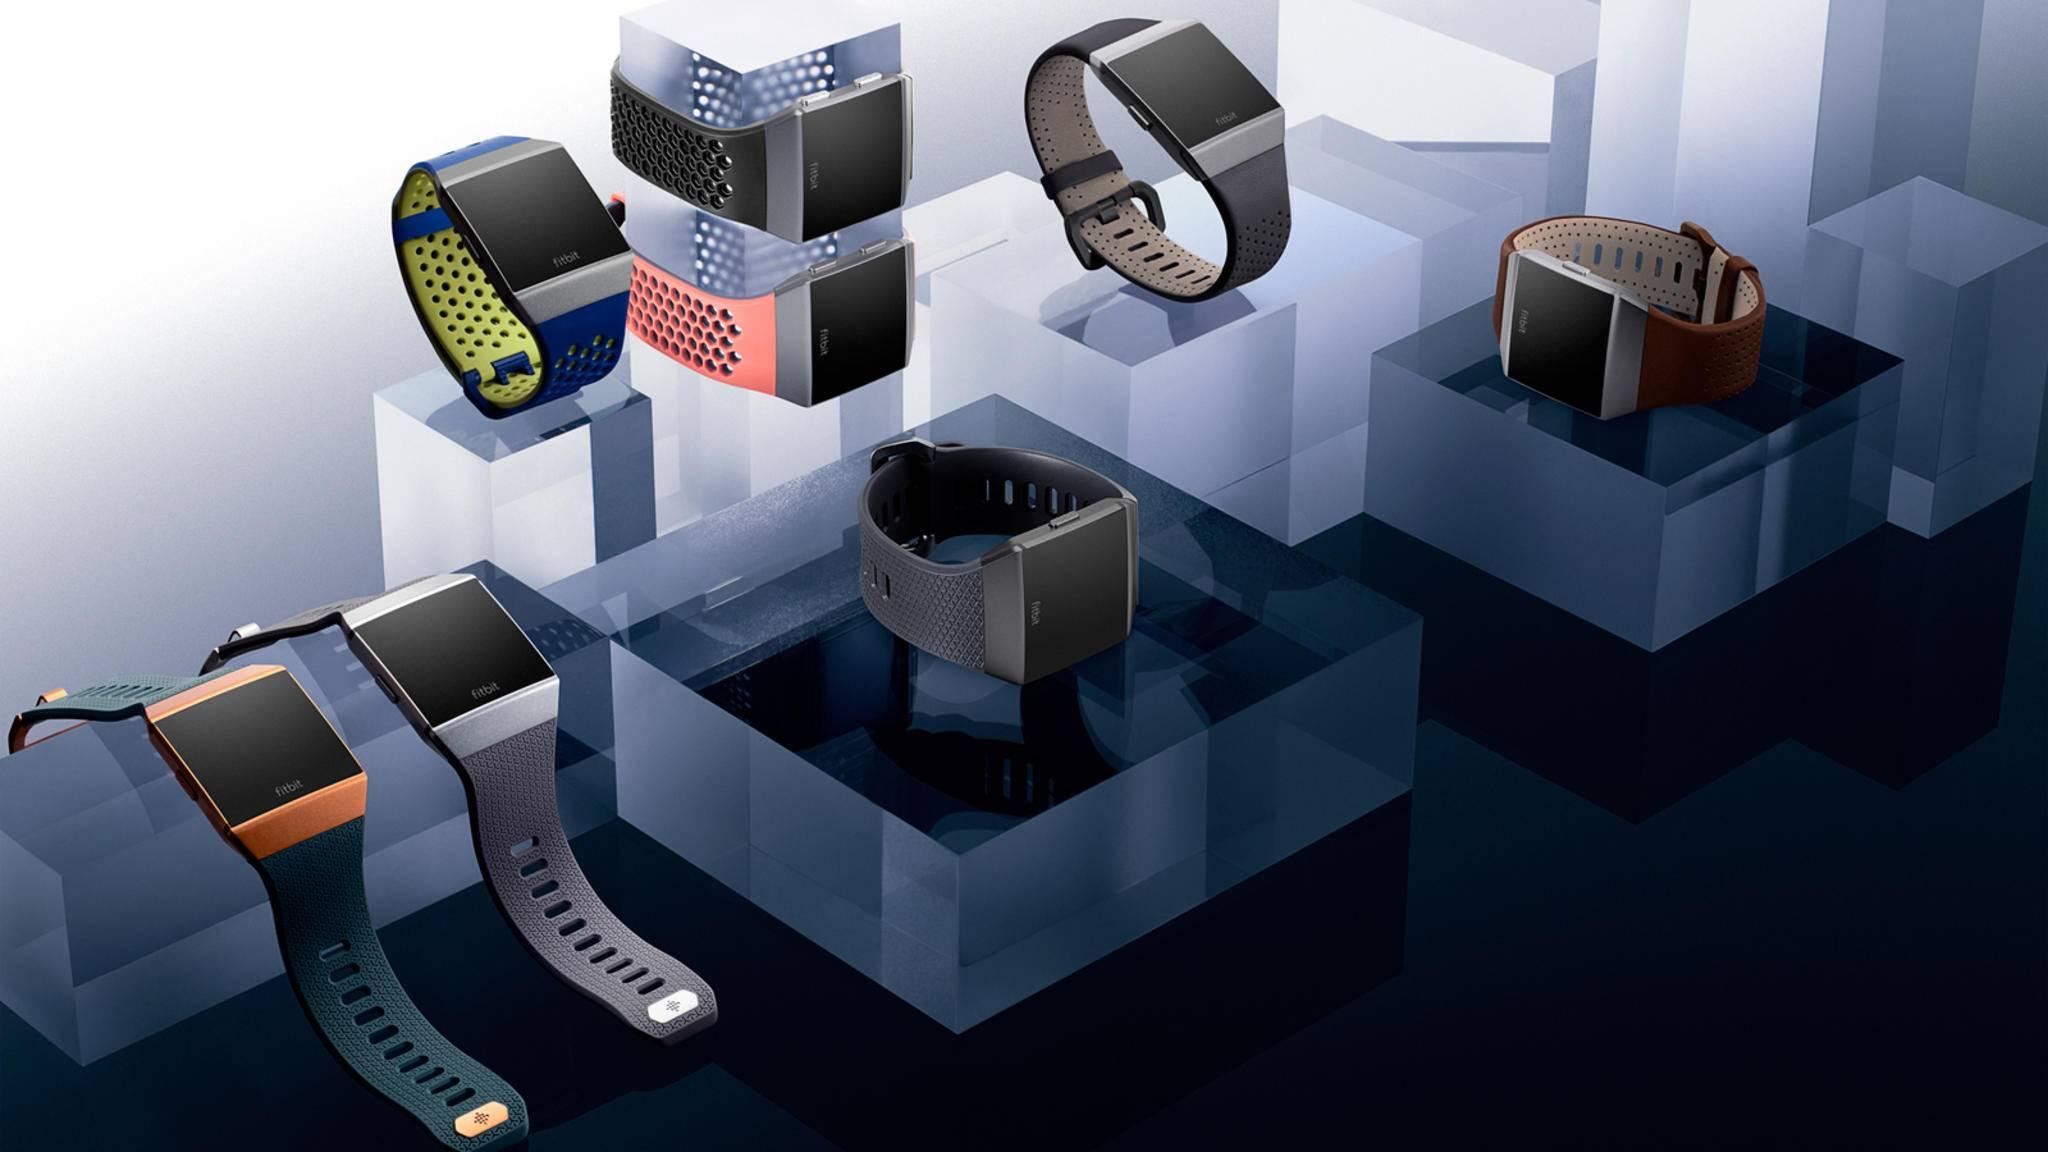 Laut Fitbit soll es nicht nur bei der Ionic bleiben. Der Konzern plant mit weiteren Smartwatches.